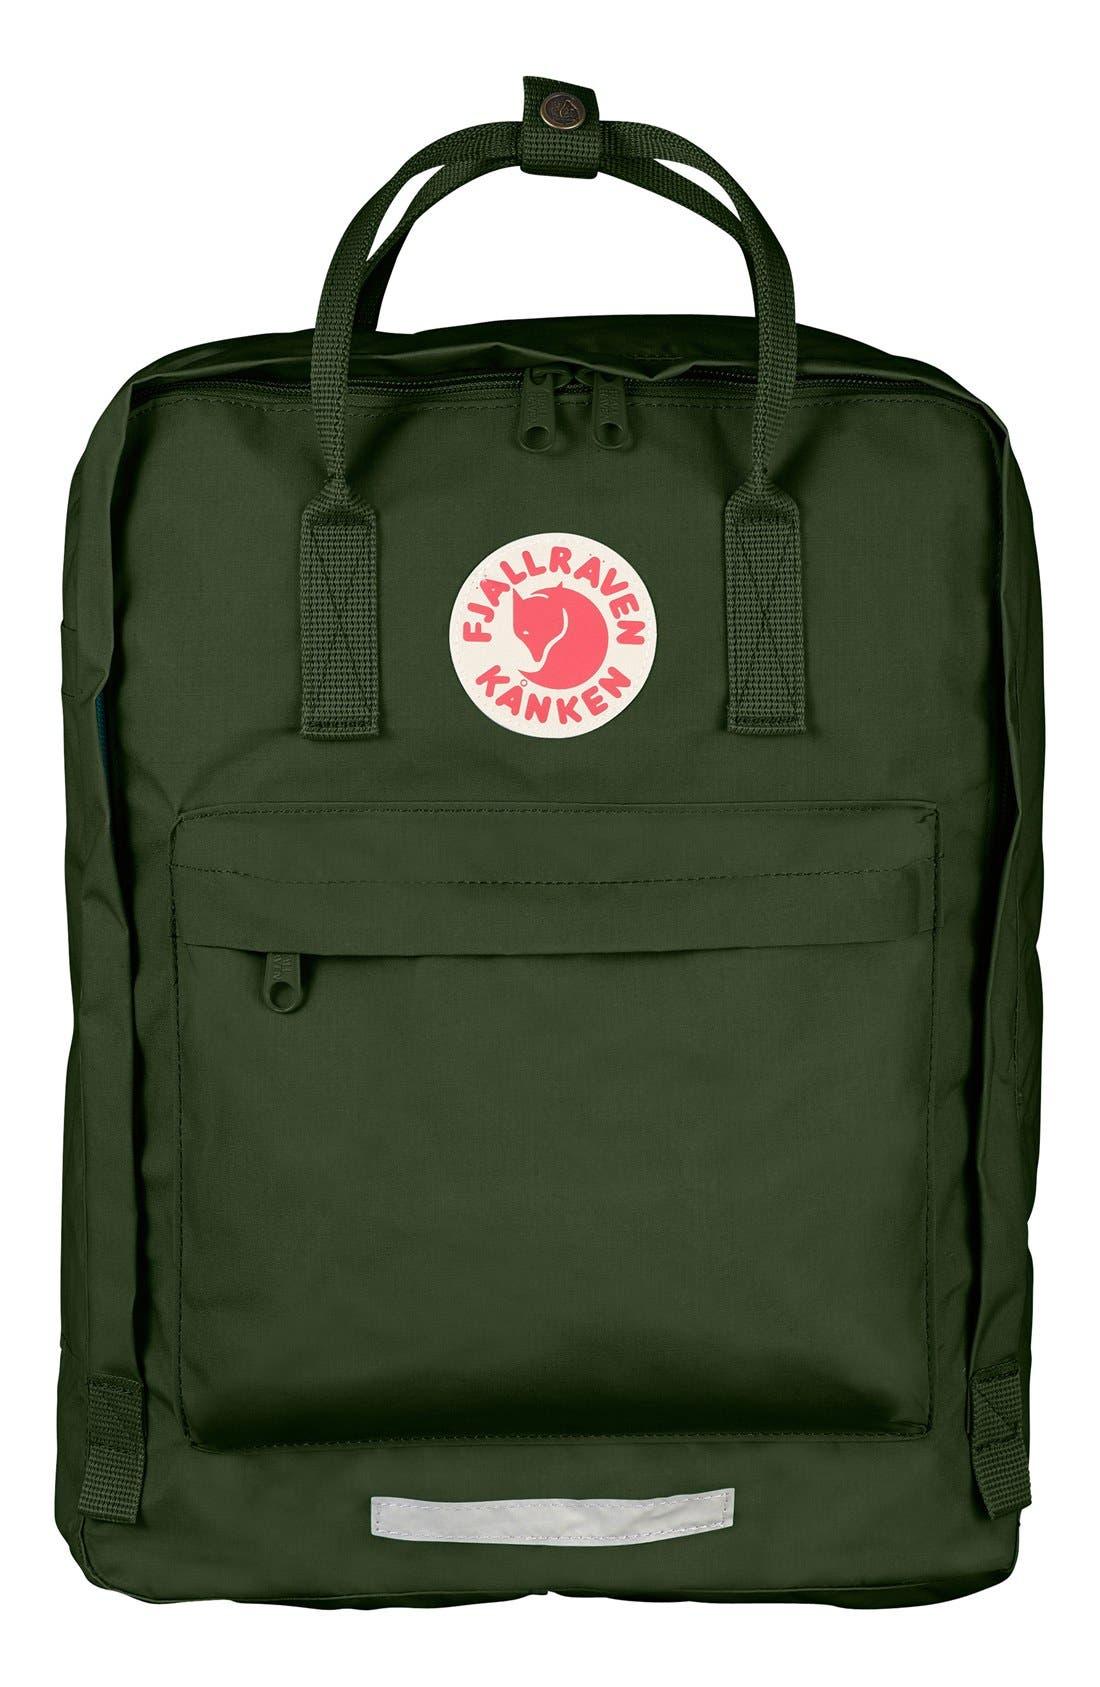 Main Image - Fjällräven 'Maxi Kånken' Water Resistant Backpack